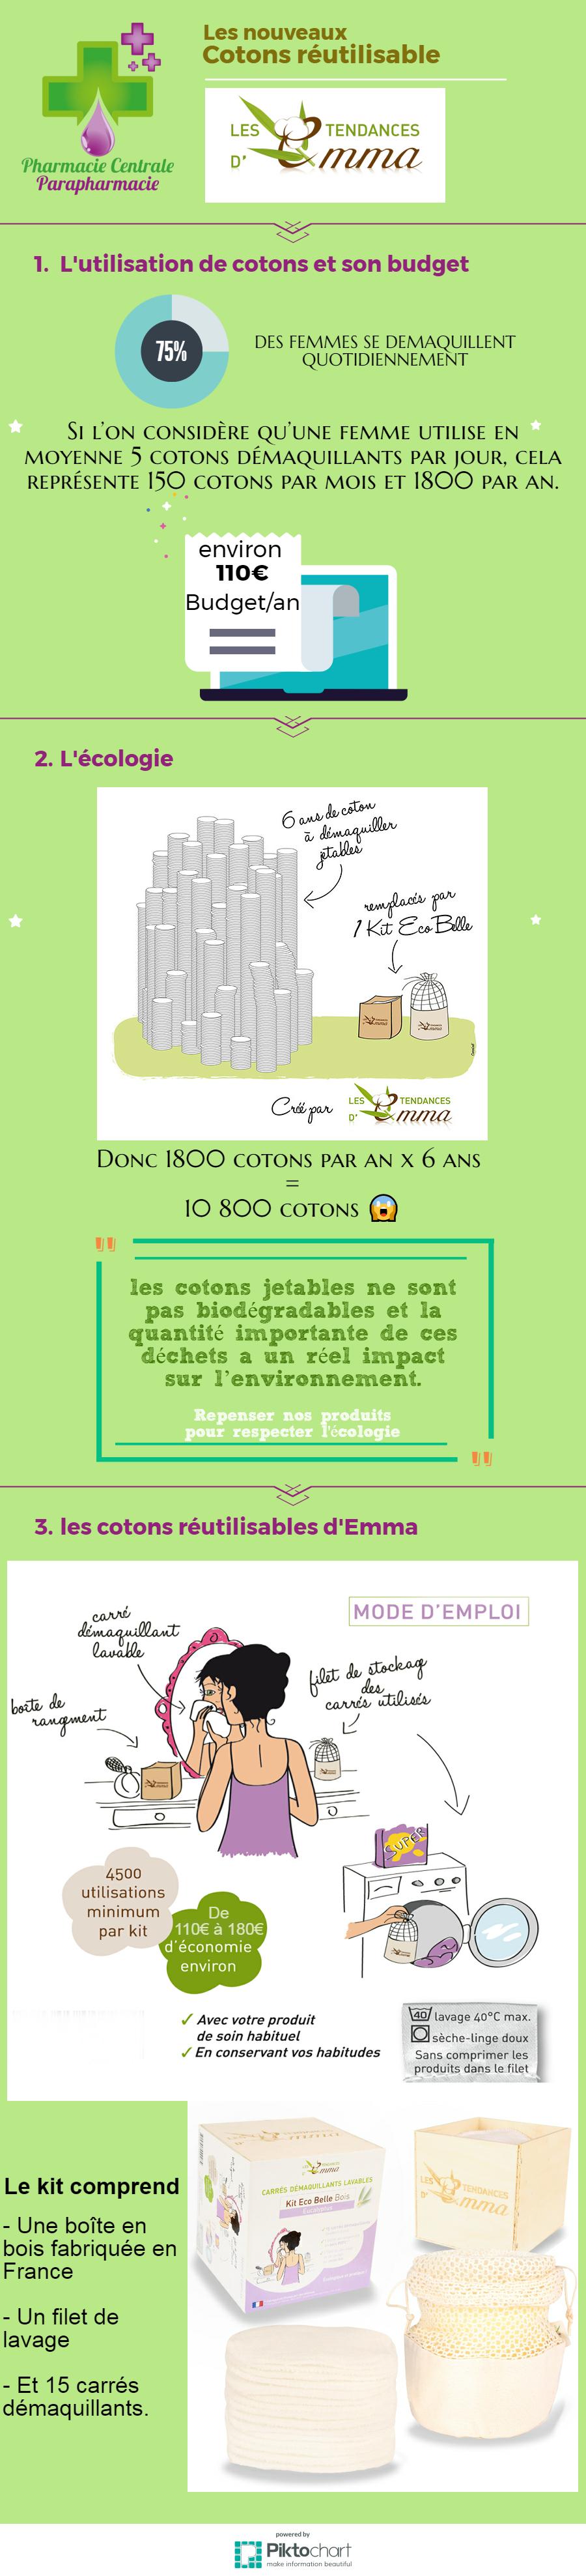 Carre-demaquillant-lavable-ecologie